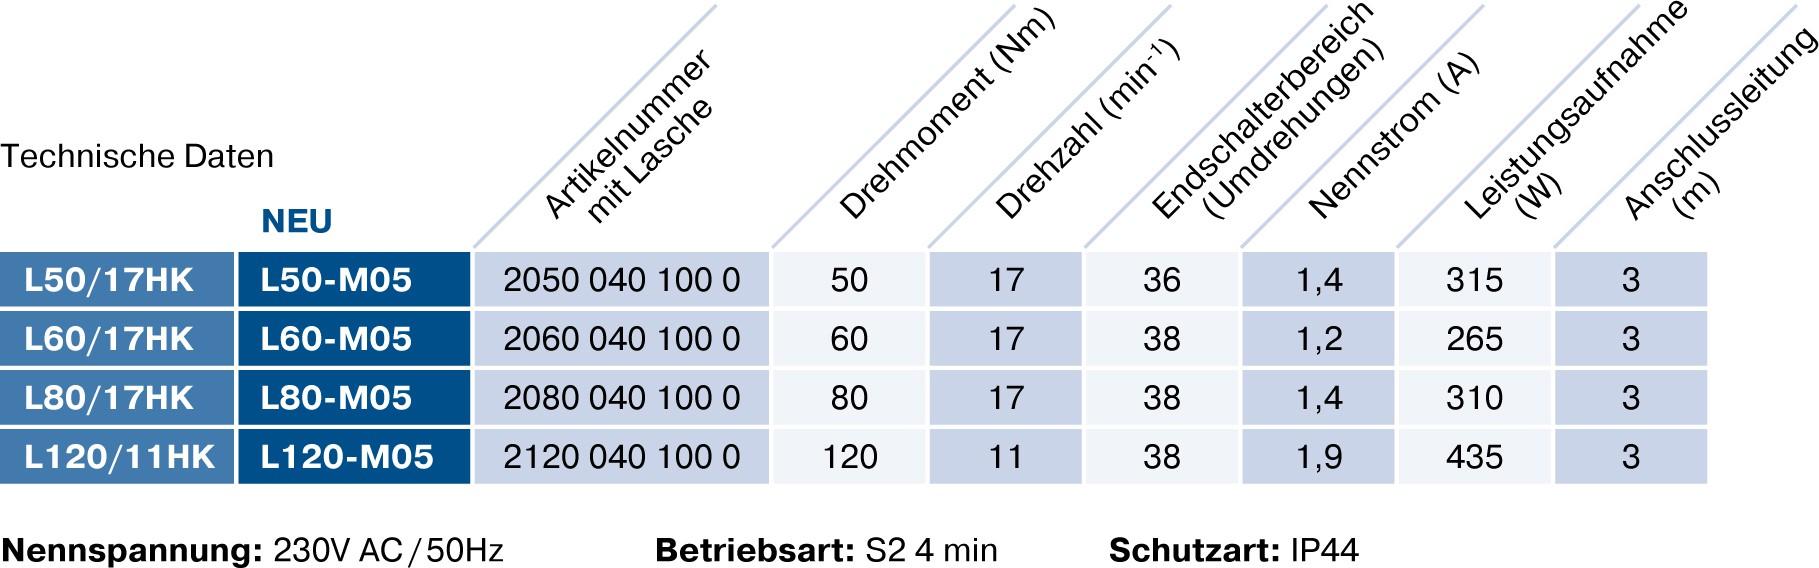 Becker L-M05 Technische Daten